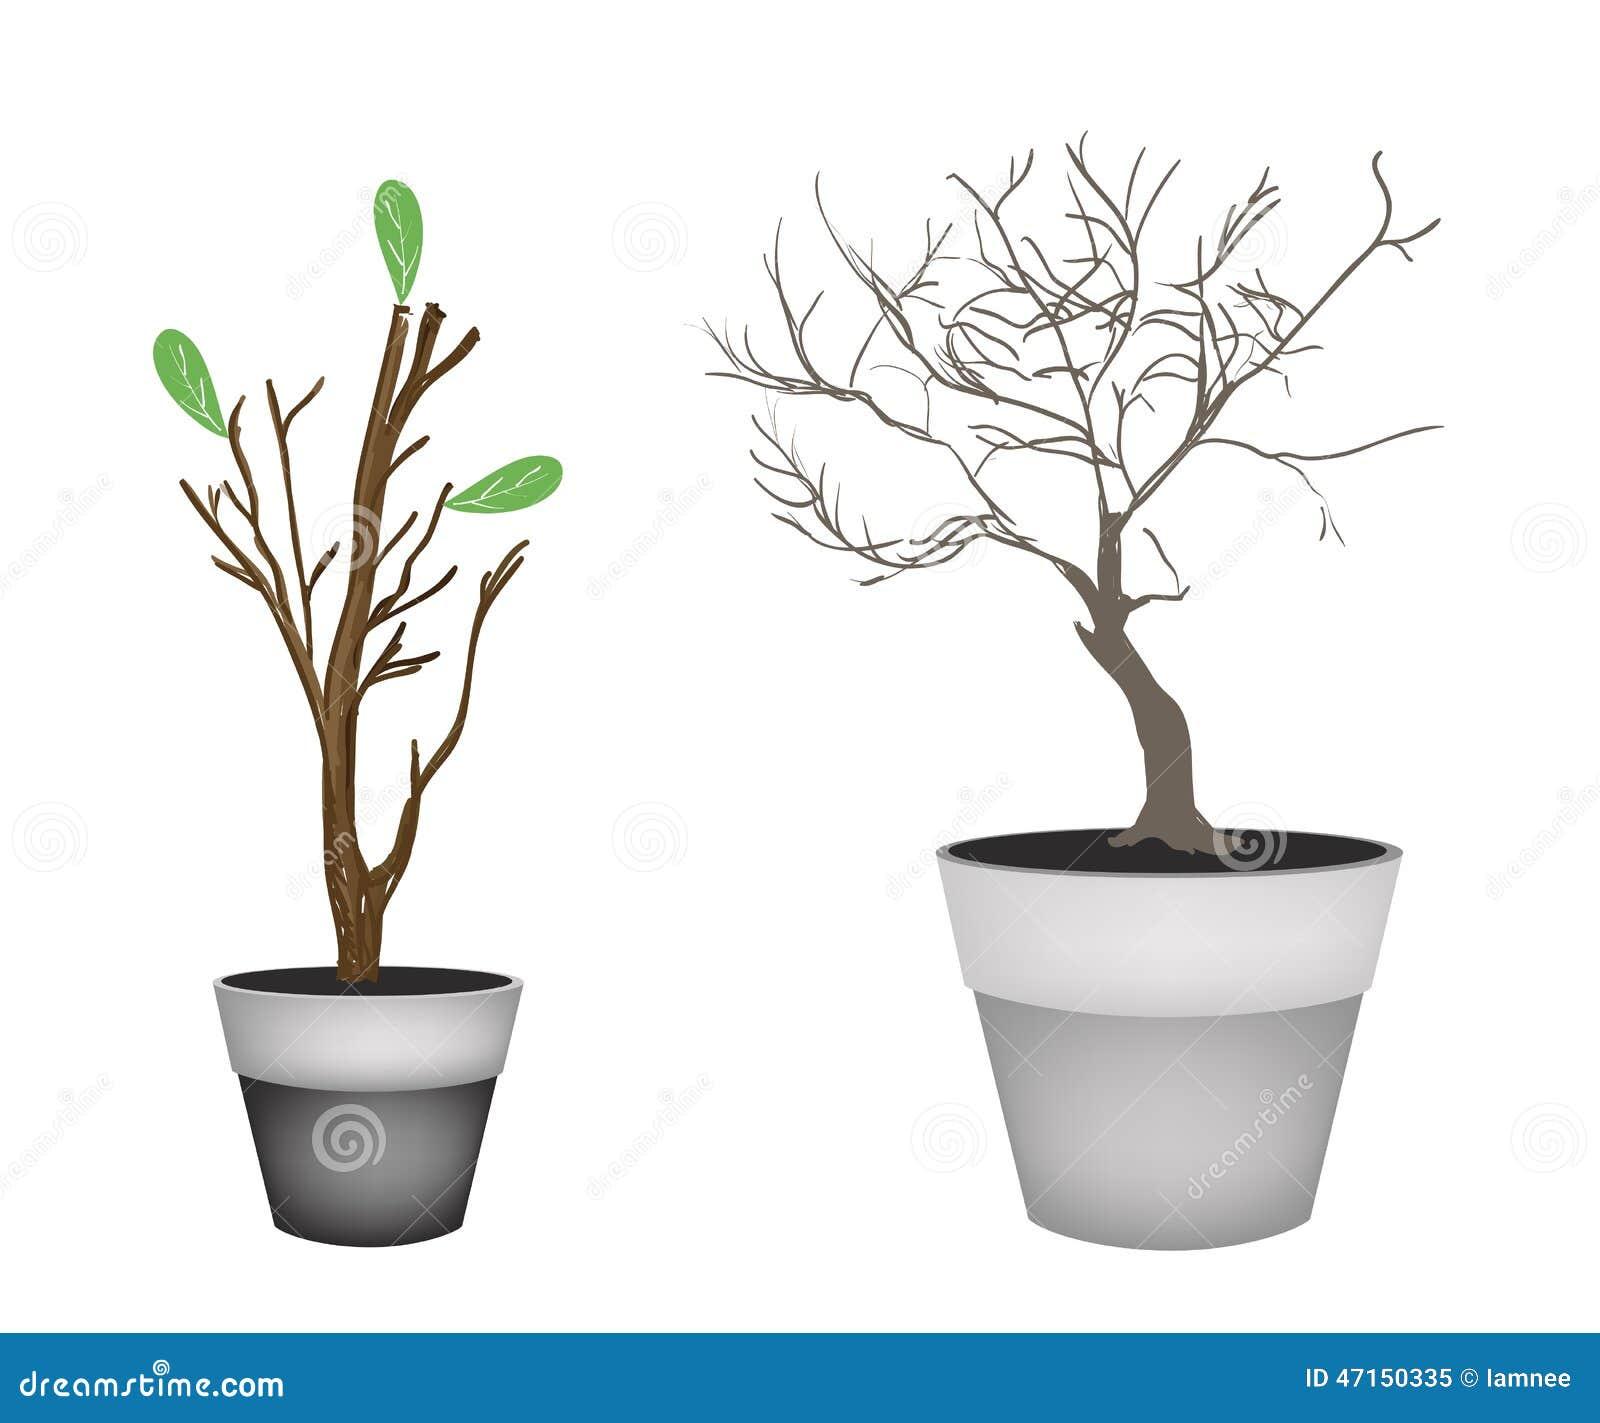 arbres de brown et bourgeons d 39 arbre dans des pots de fleur illustration de vecteur. Black Bedroom Furniture Sets. Home Design Ideas